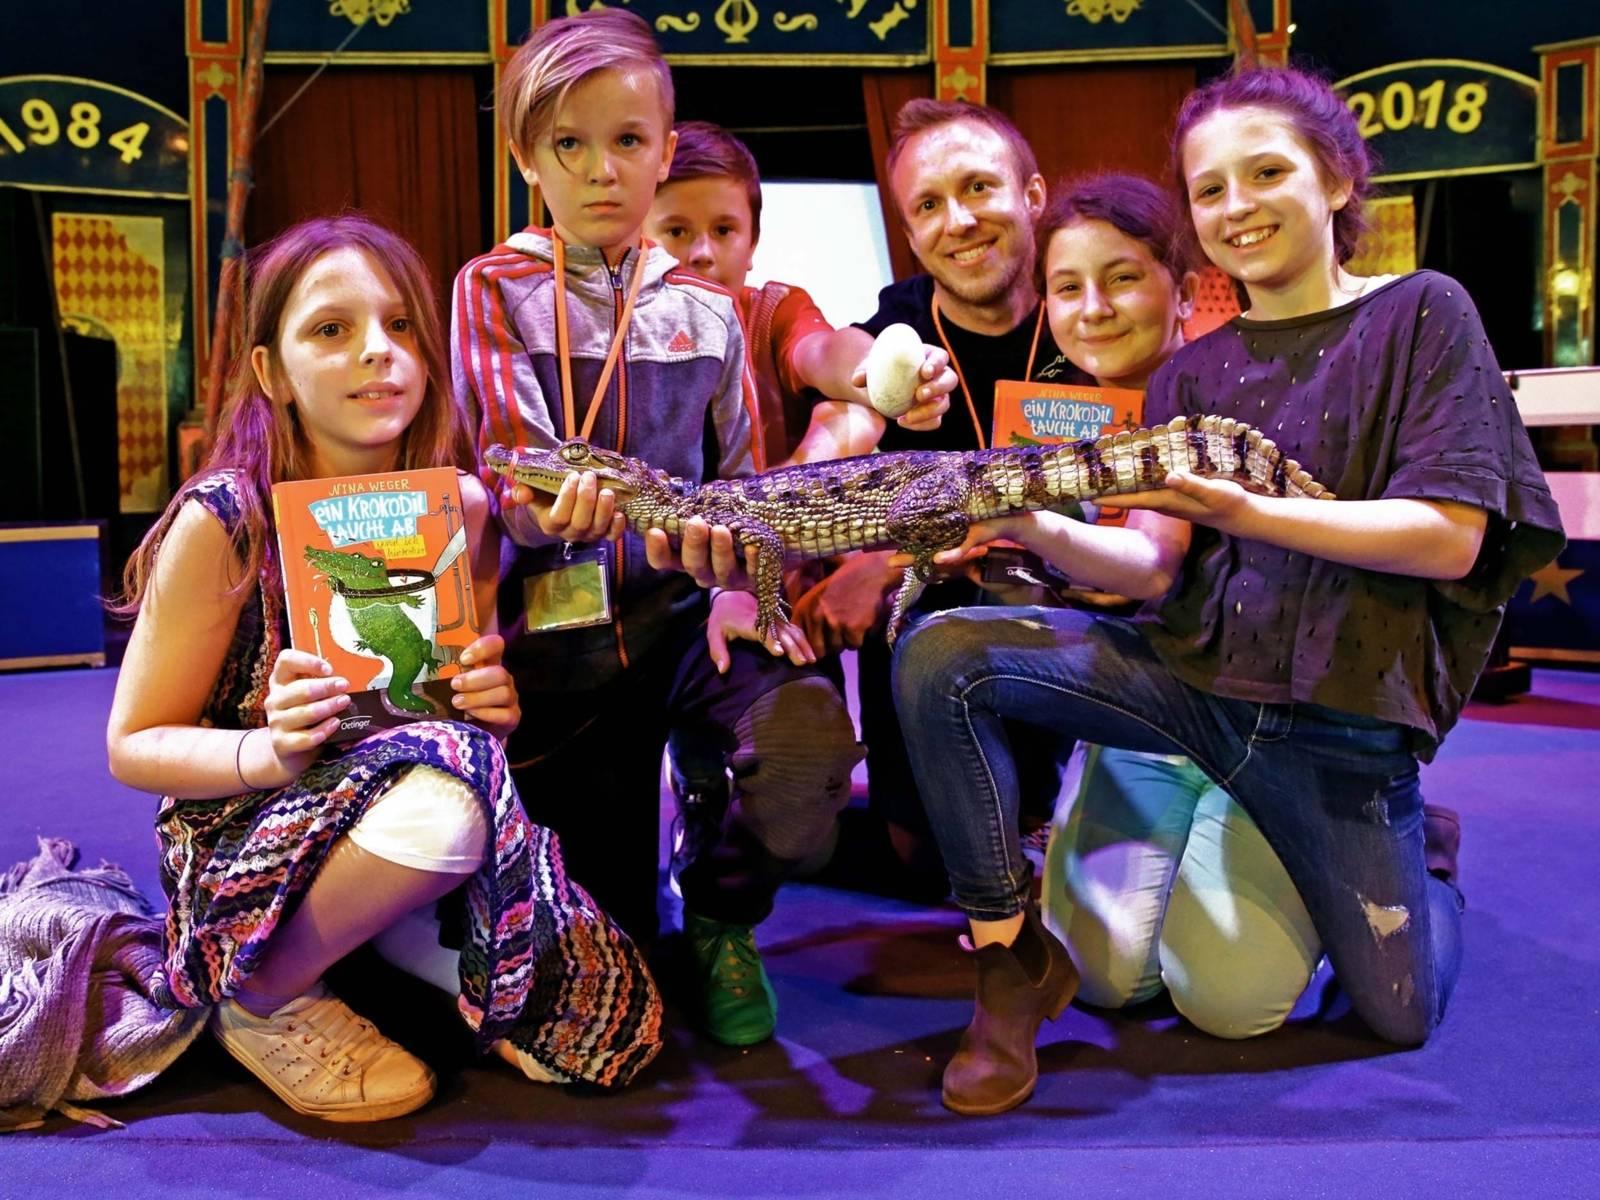 Zwei Junges, drei Mädchen, ein Mann und ein Kaiman in einem Zirkuszelt.